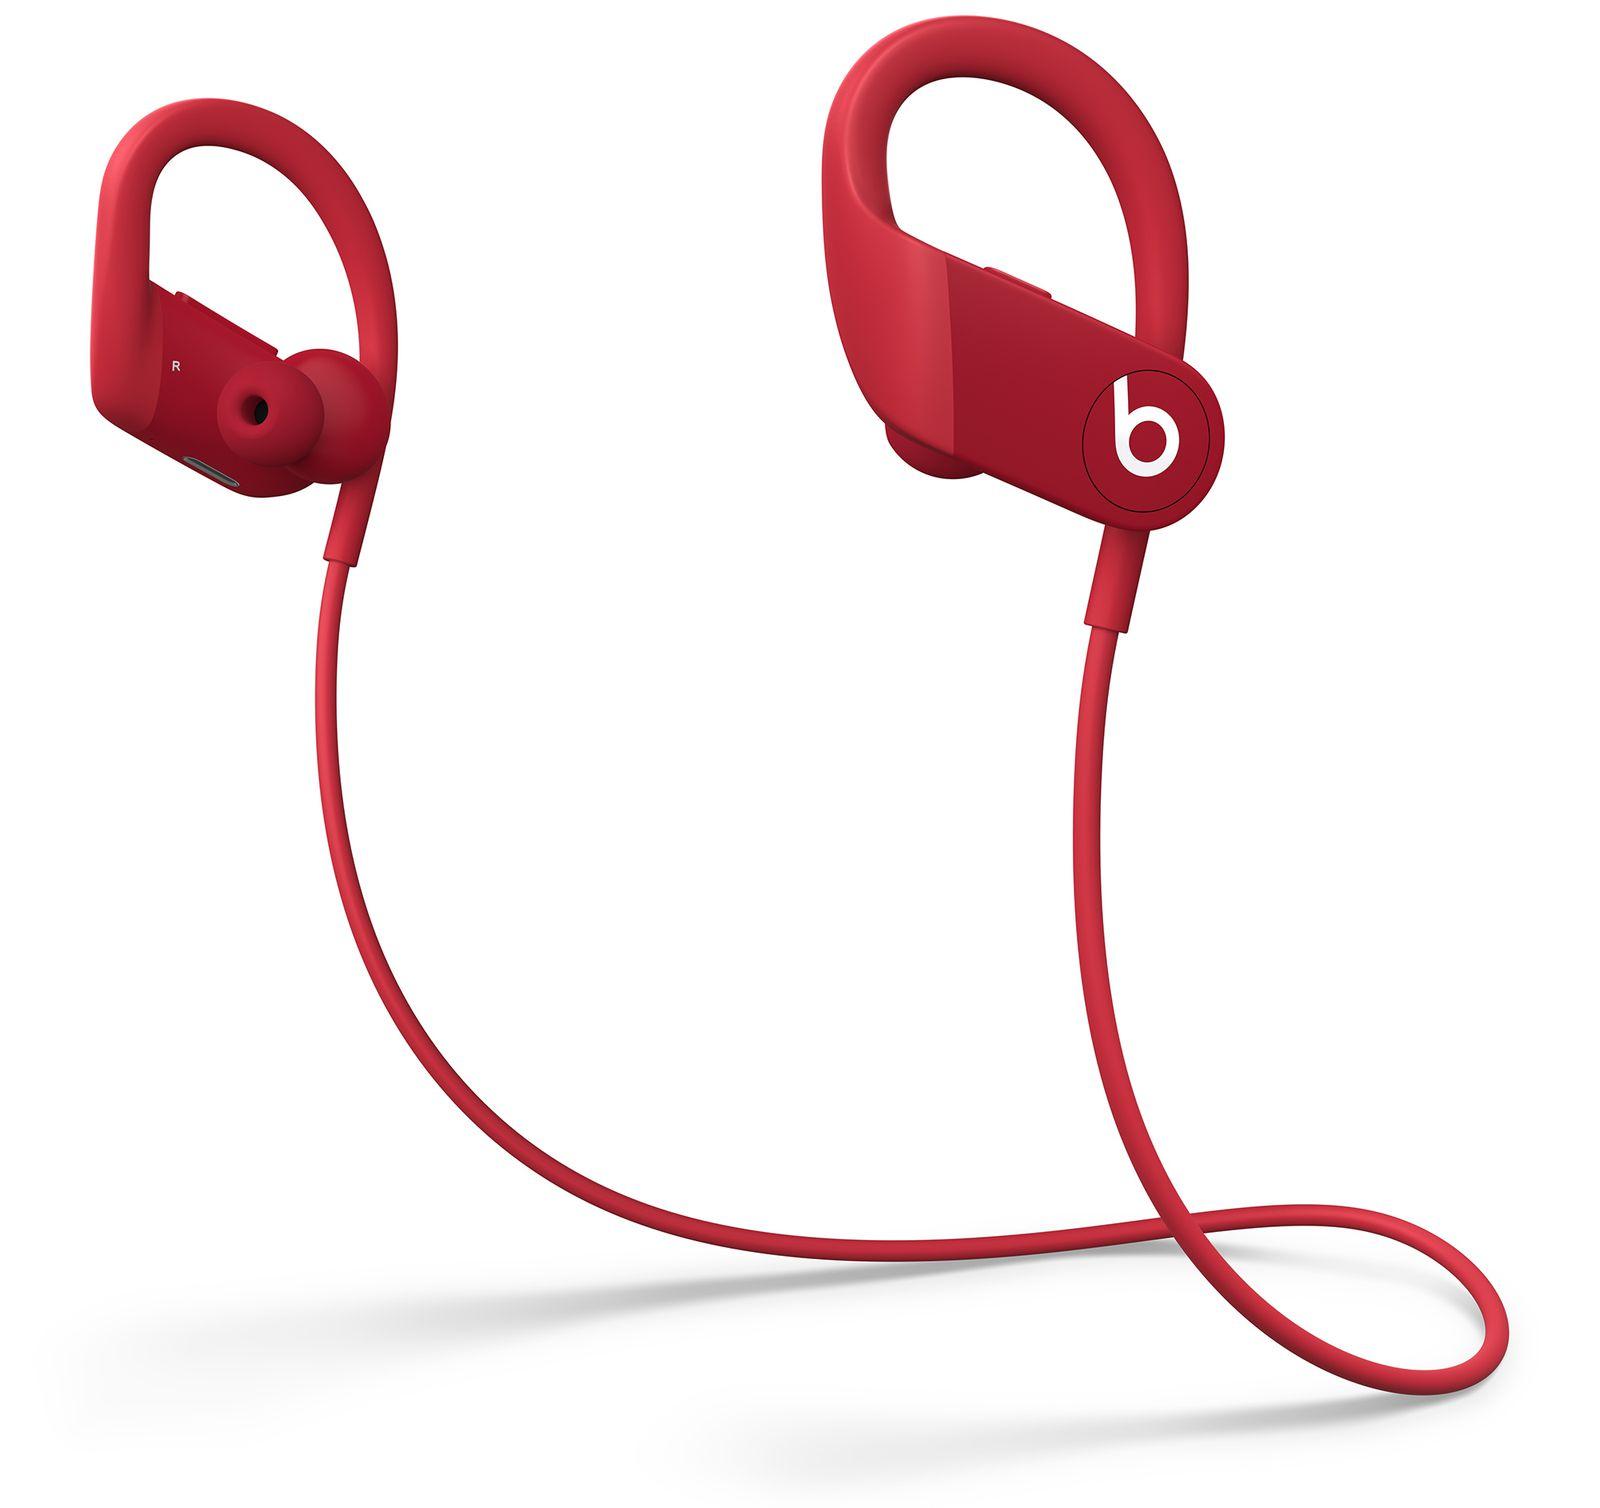 Powerbeats Pro dorazí ve čtyřech nových barvách